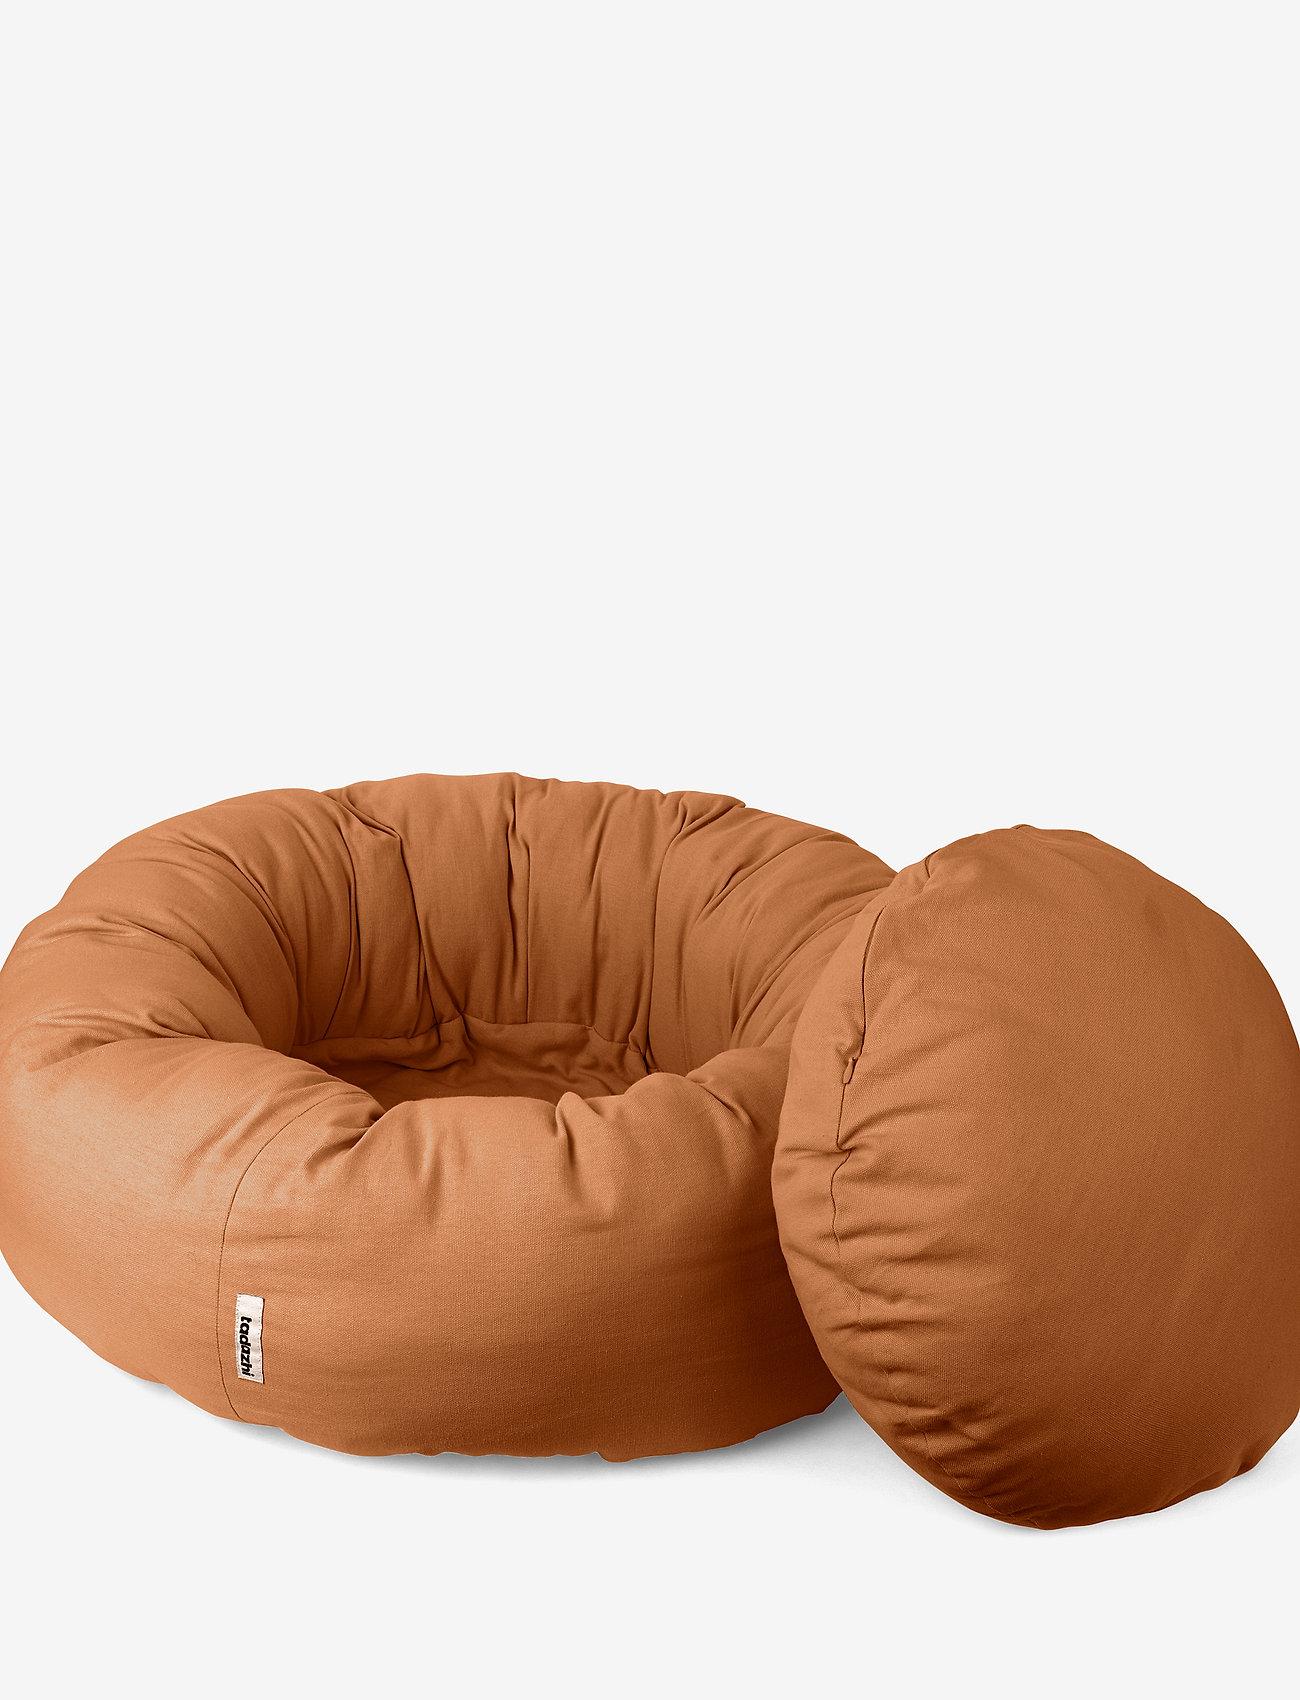 tadazhi - Donut bed - nyheder - light brown - 2